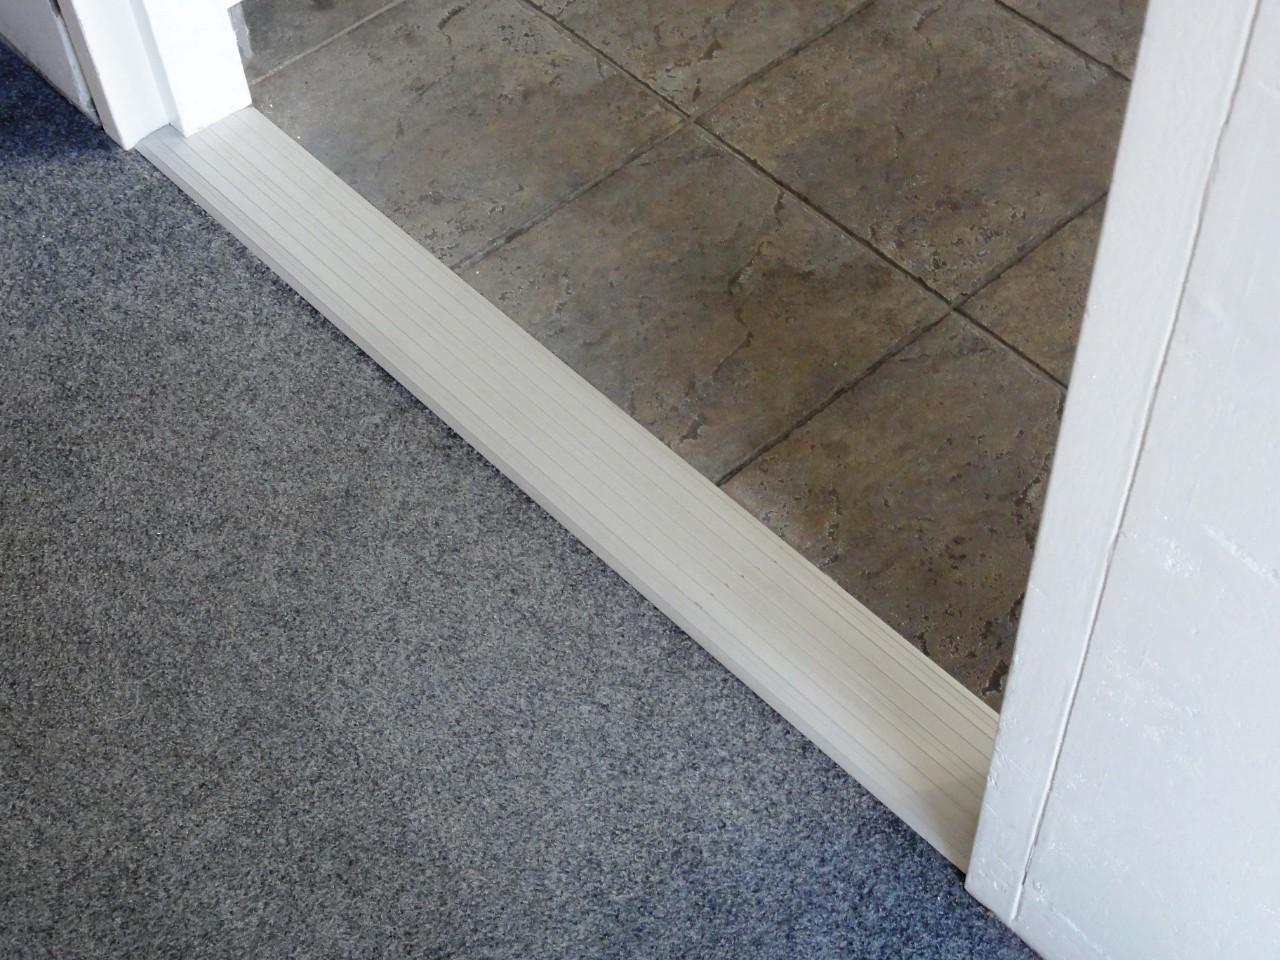 Drempelhulpen voor binnenshuis EasyLivingProducts